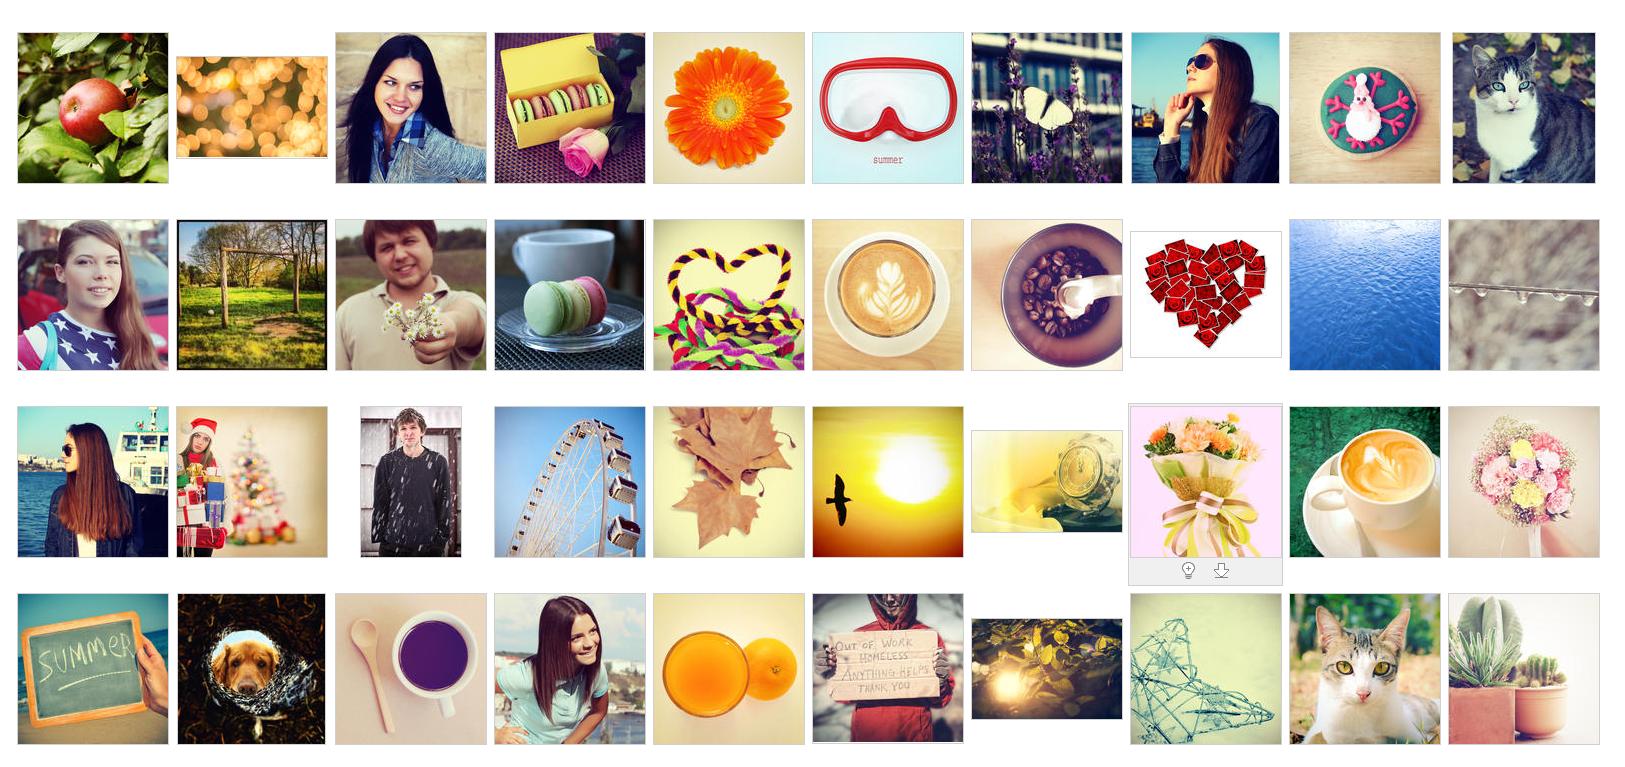 instagram_five_tips_marketing